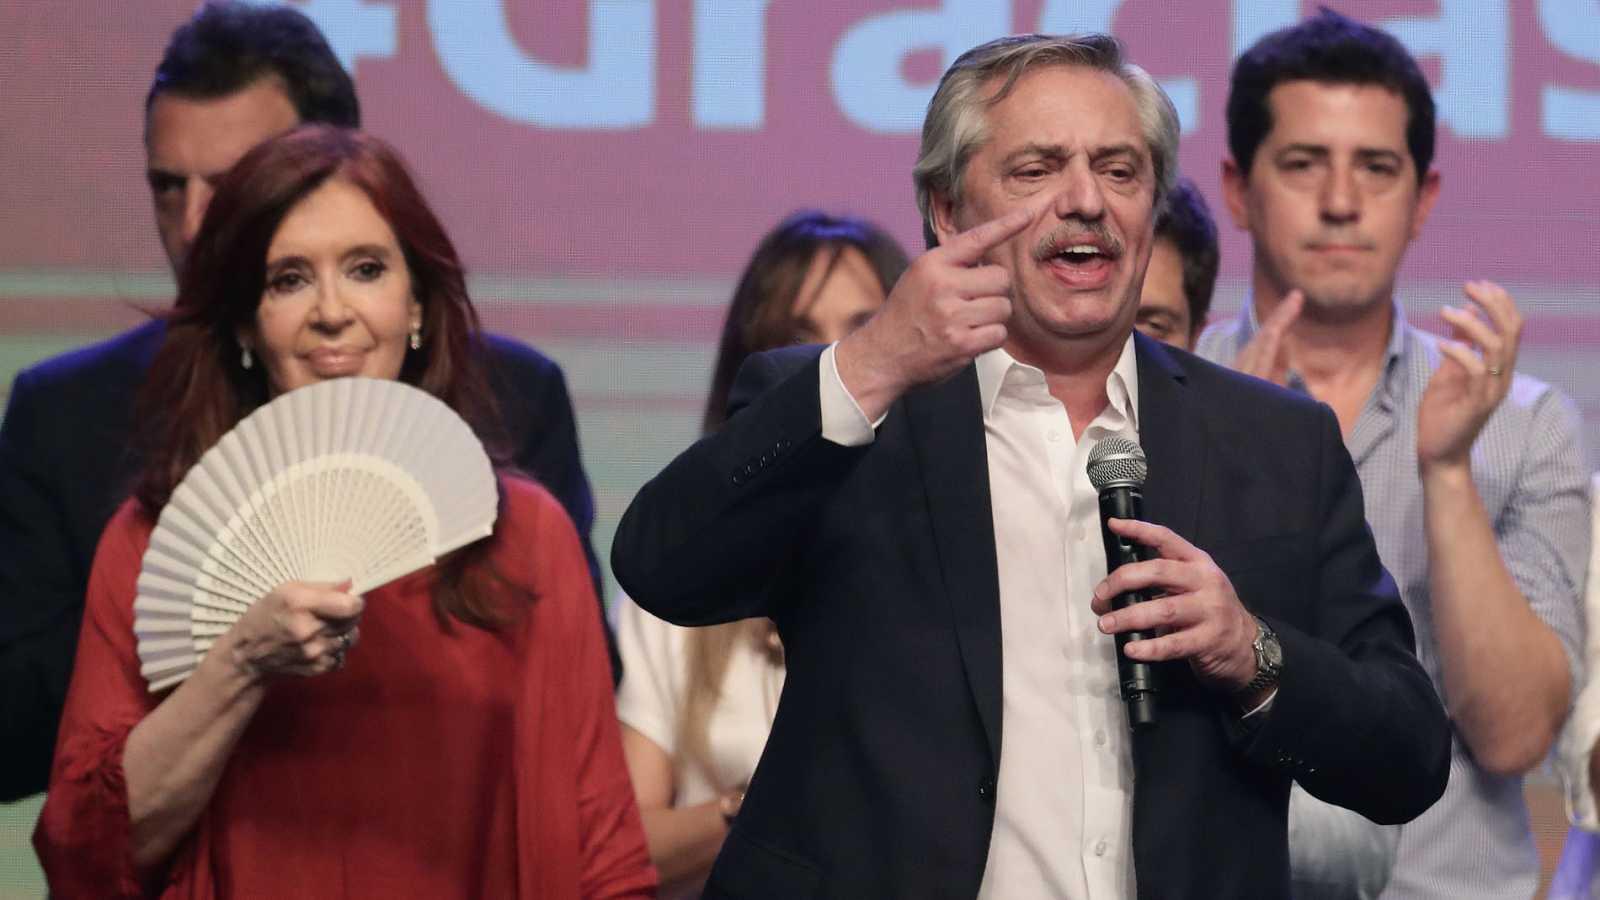 El peronista Alberto Fernández gana las elecciones presidenciales en Argentina